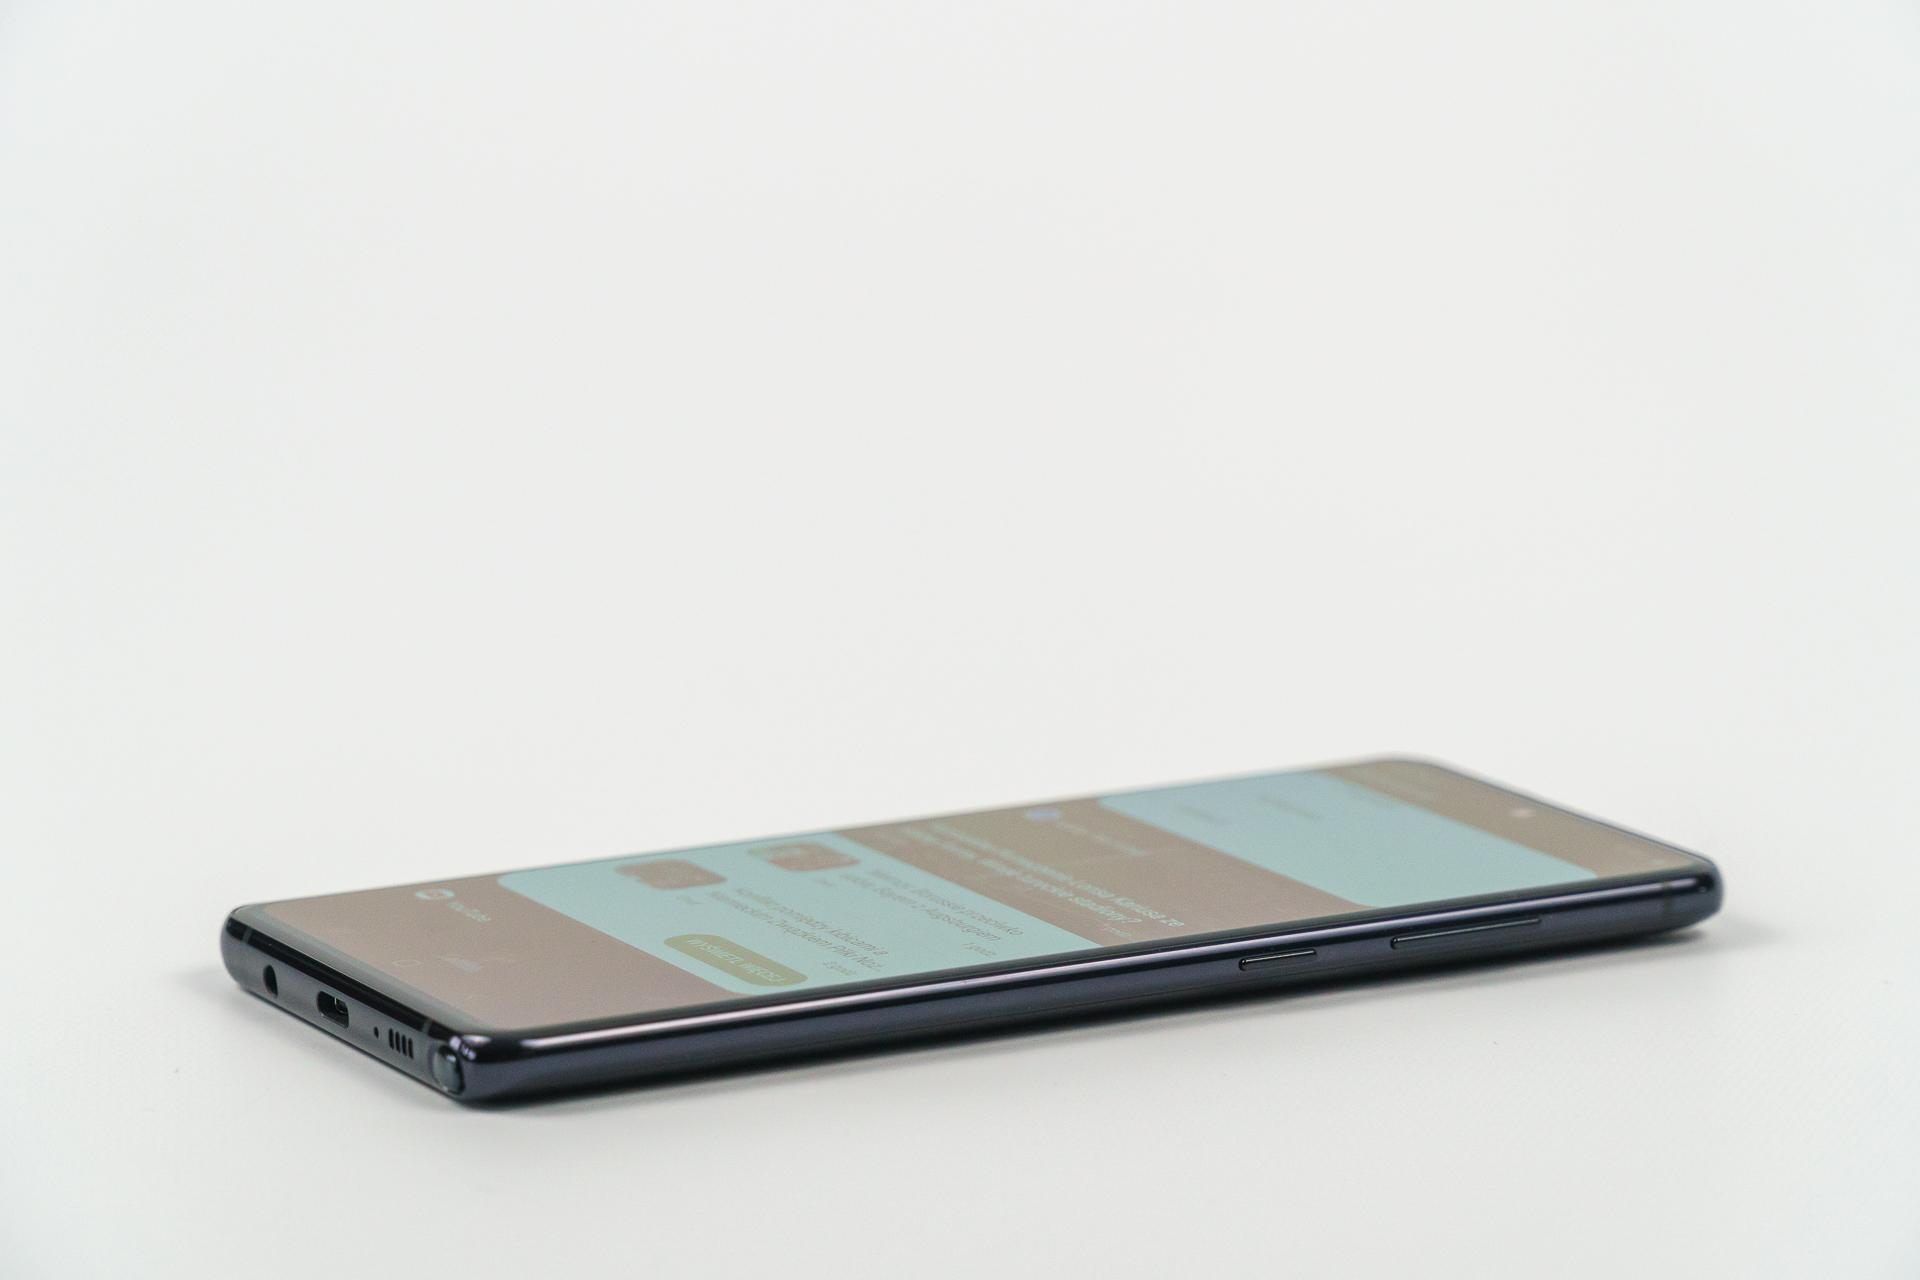 Recenzja Samsunga Galaxy Note 10 Lite. Czy budżetowy Note ma sens? 29